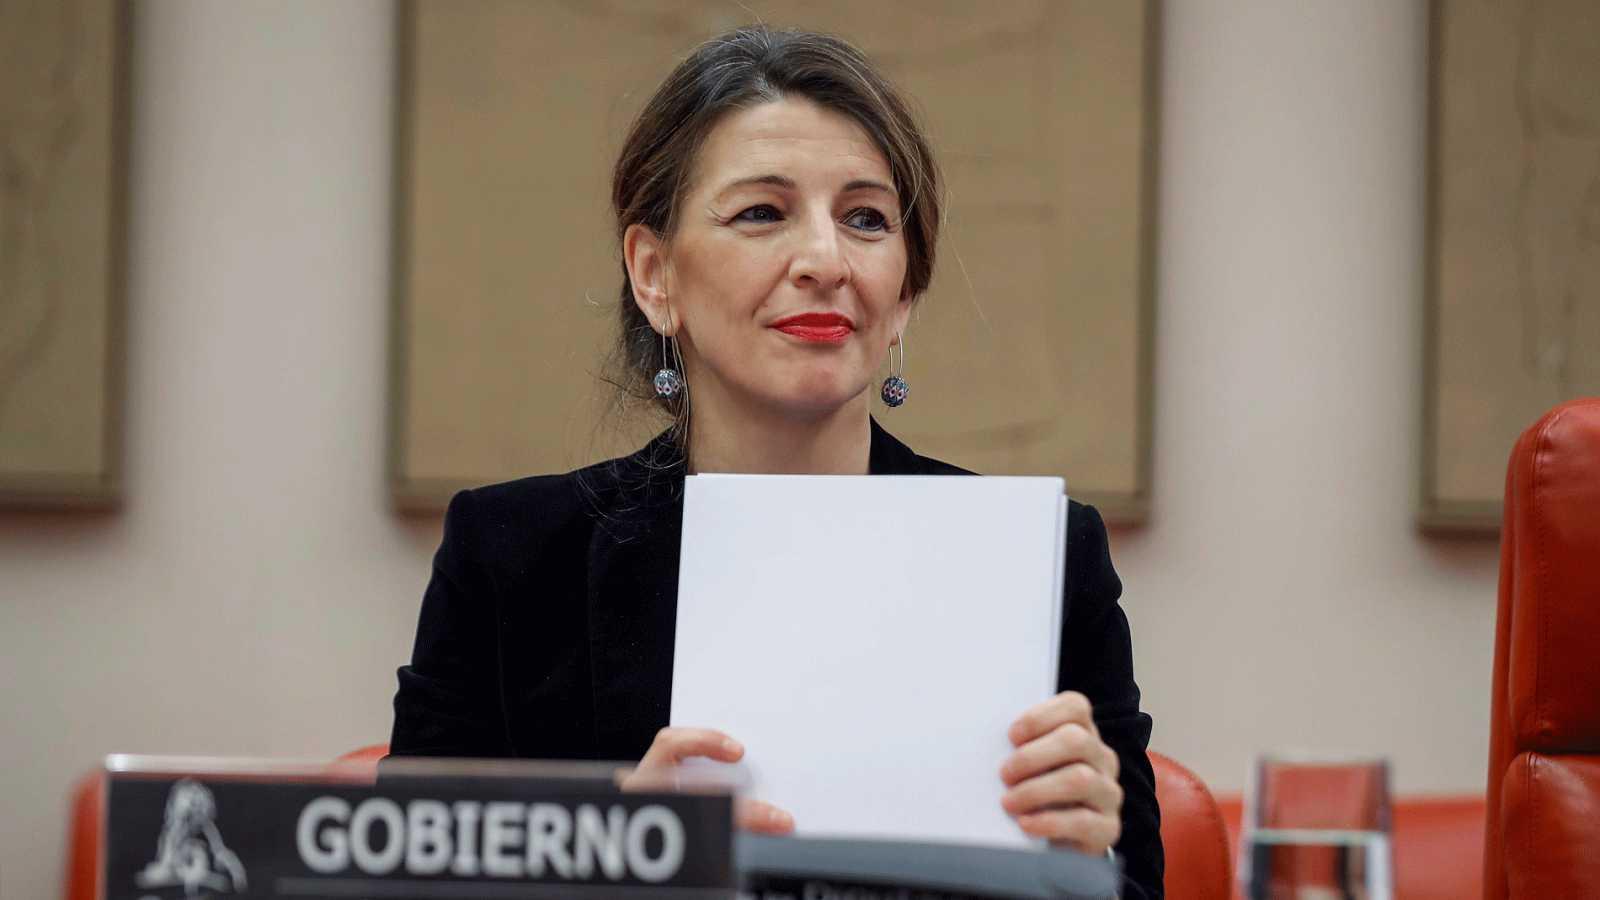 La ministra de Trabajo y Economía Social, Yolanda Díaz, durante su comparecencia en el Congreso de los Diputados